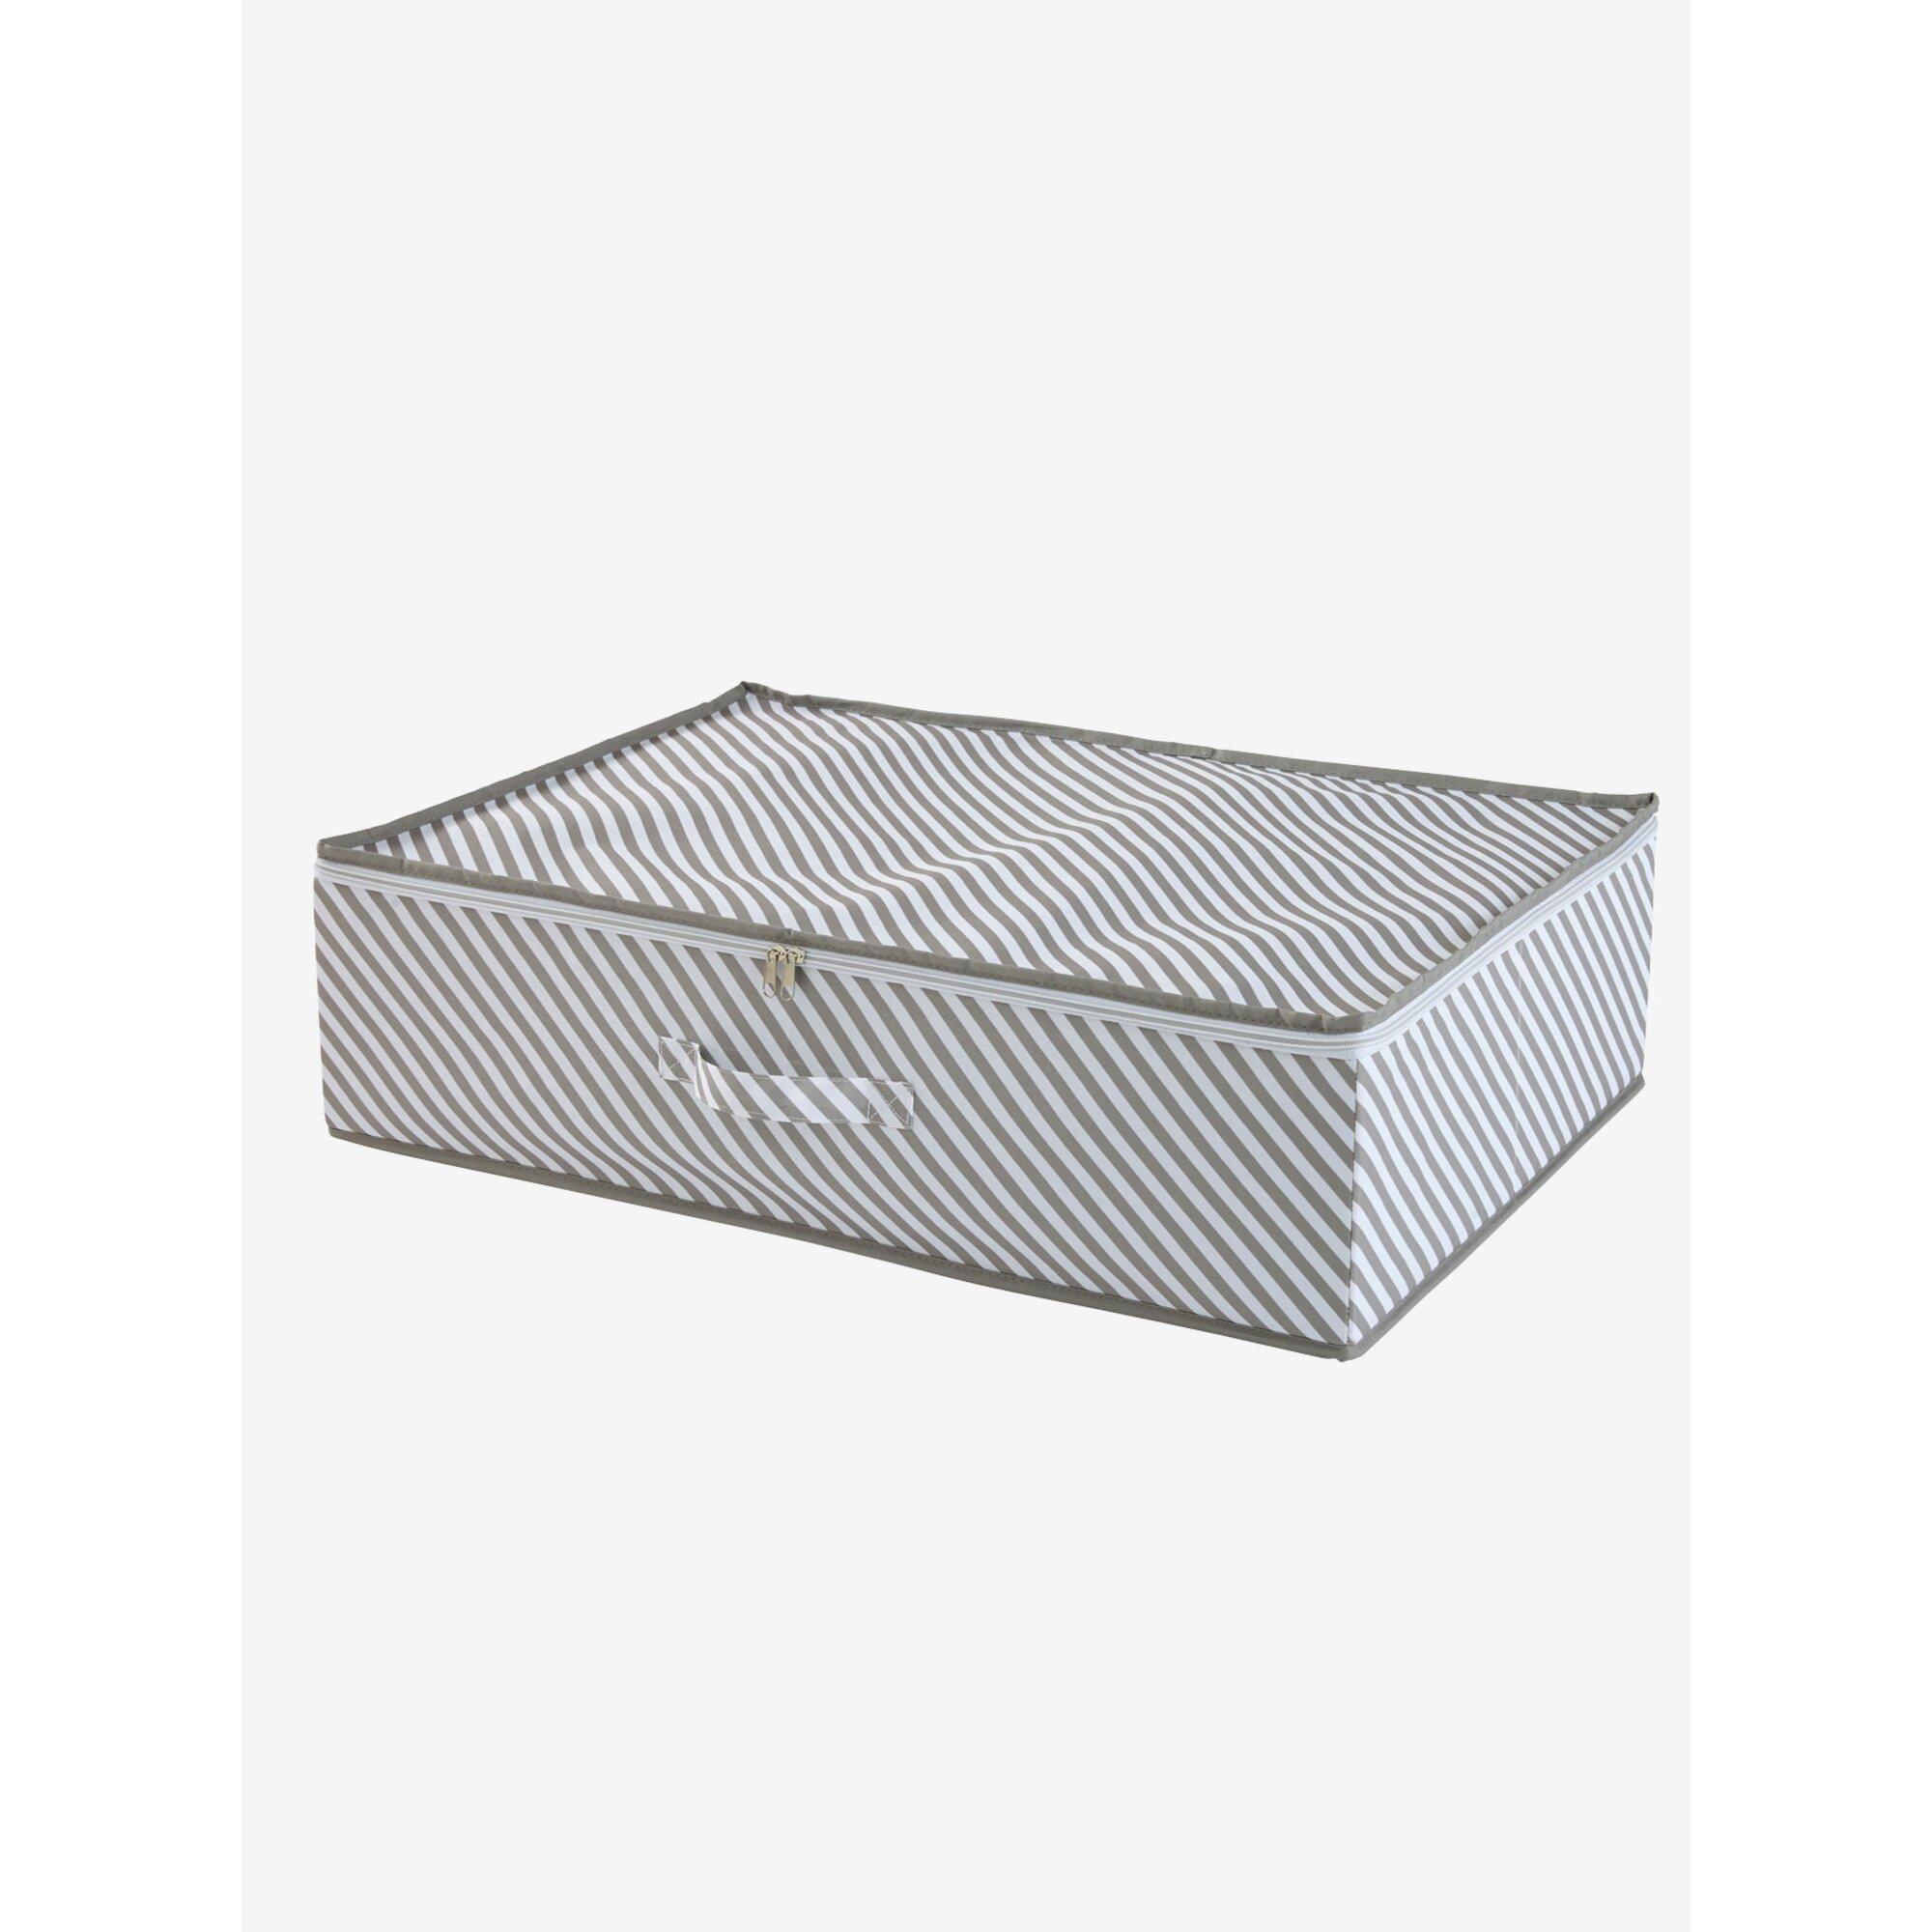 vertbaudet-aufbewahrungsbox-mit-rei-verschluss-gro-